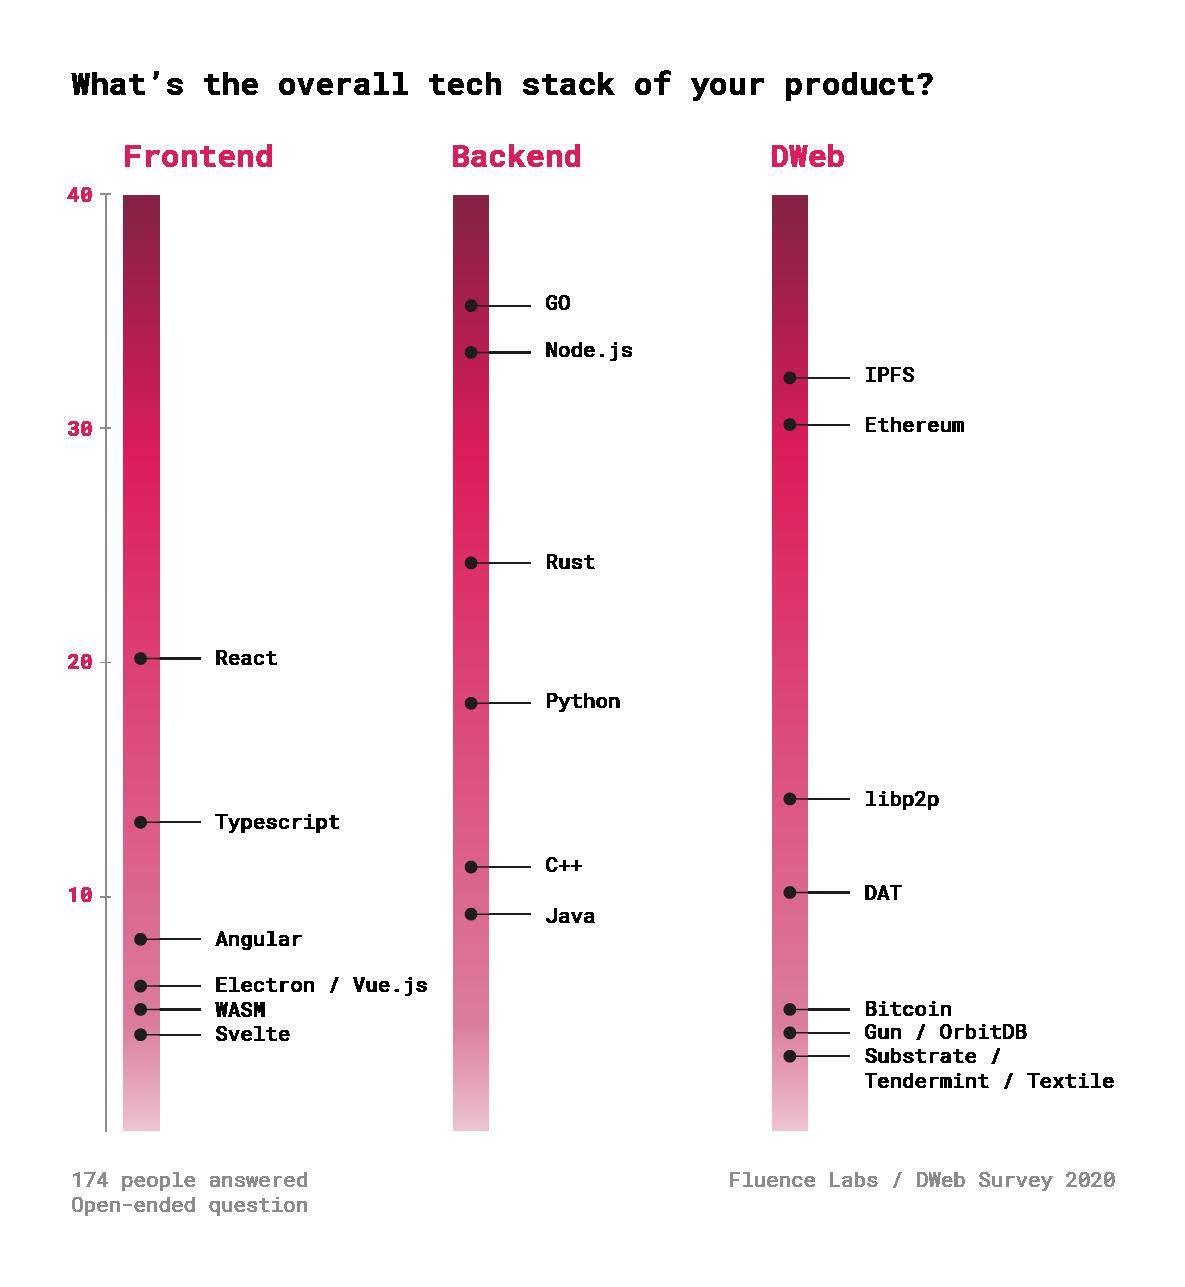 Децентрализованный Веб. Результаты опроса 600+ разработчиков - 24